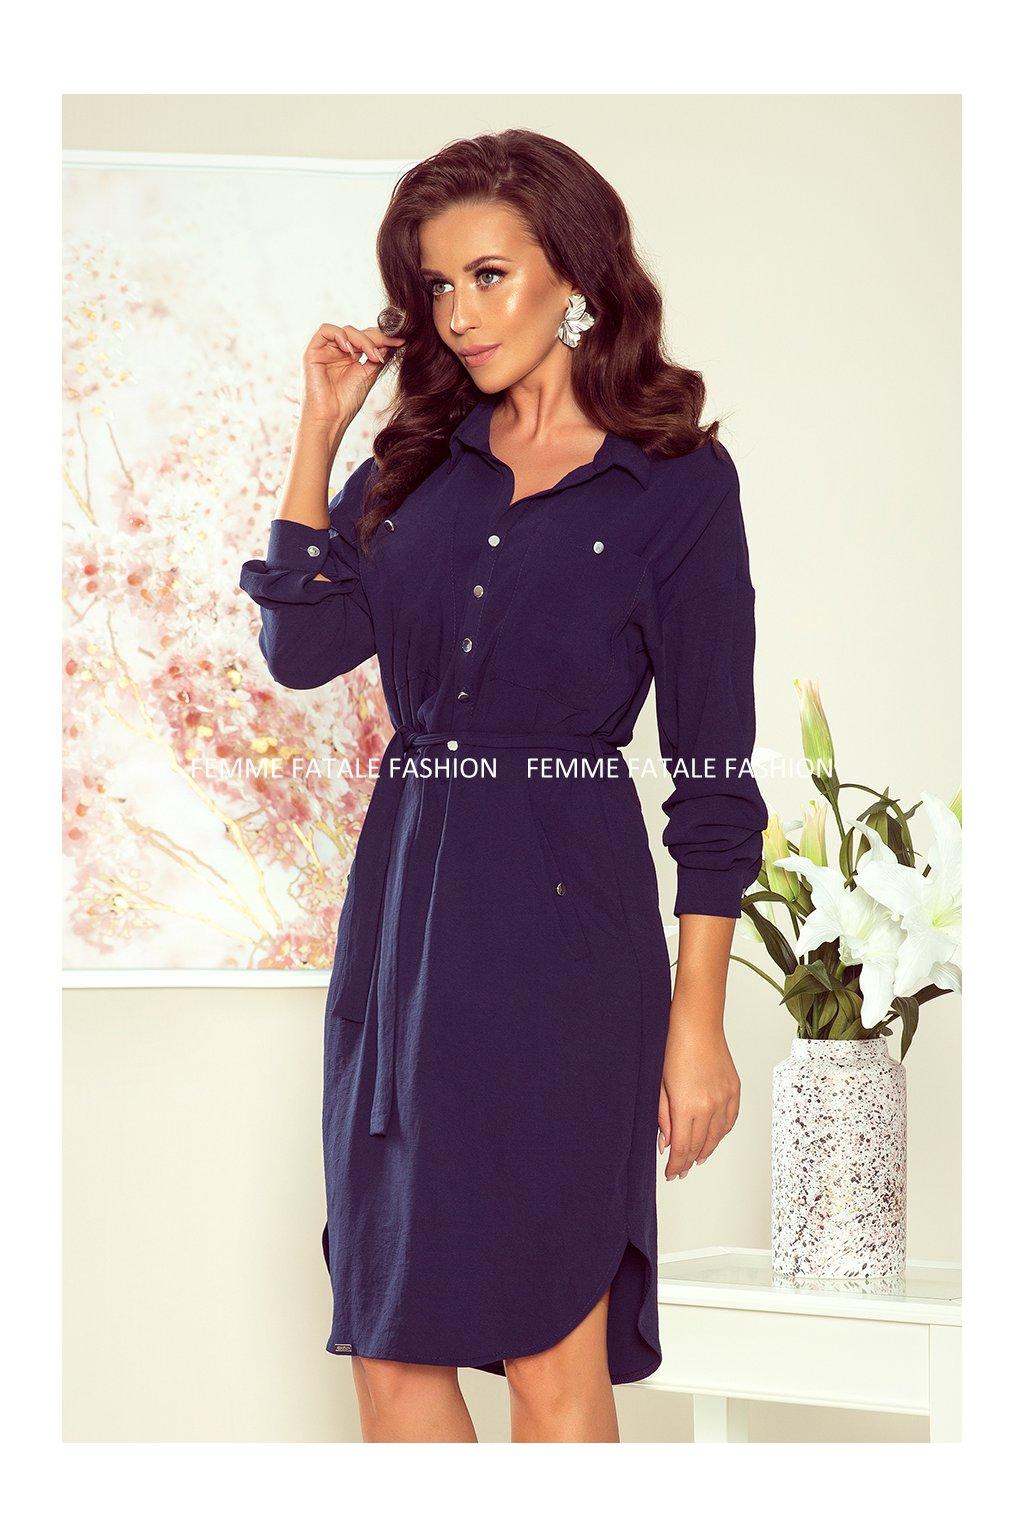 Dámské košilové šaty BROOKE femmefatalefashion (1)